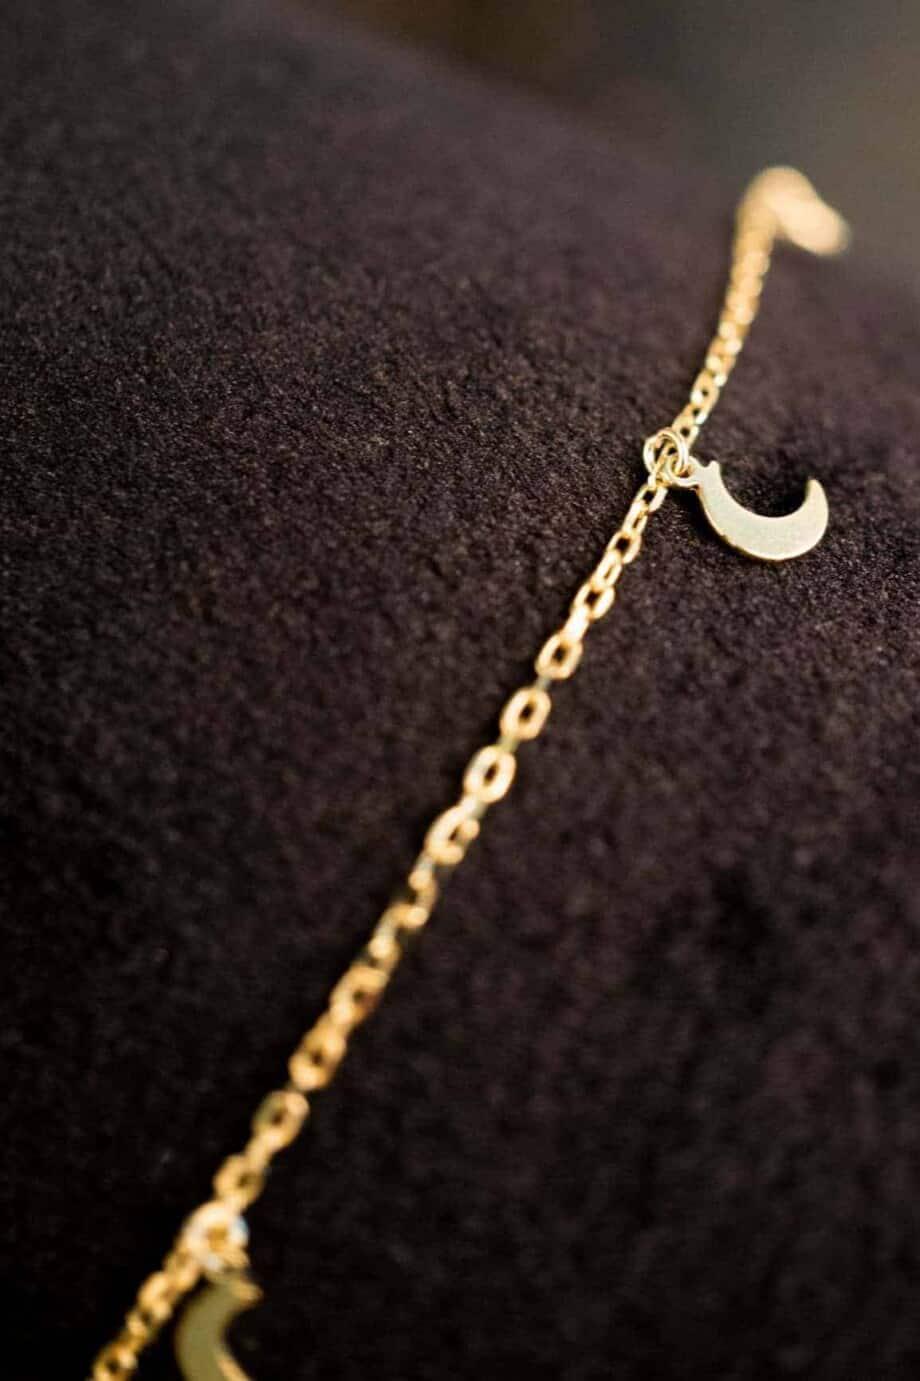 Gouden armband met hangers 'Halve maantjes' van Goud op Zilver